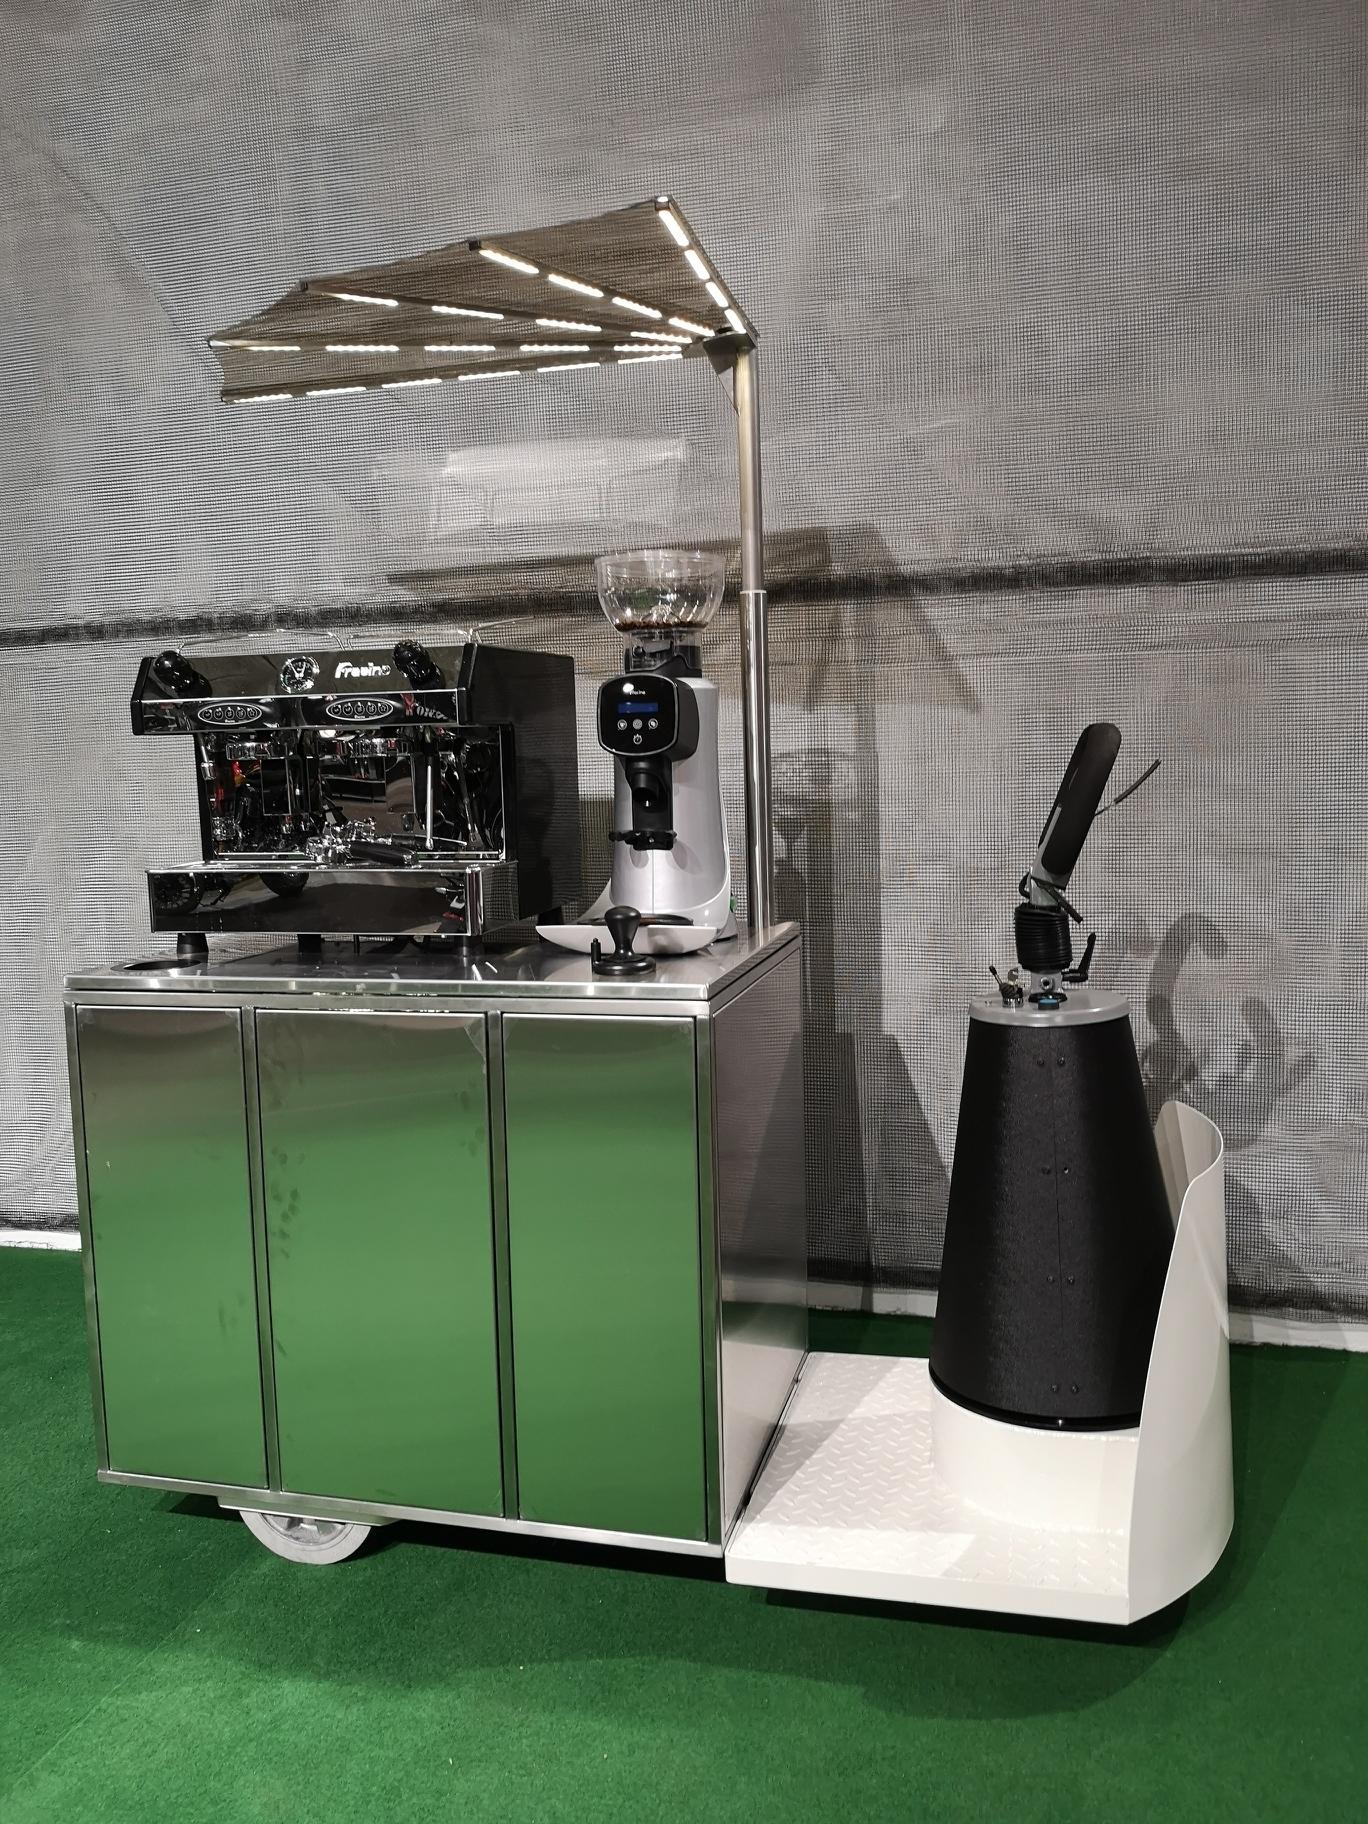 Dino Lounge - egen udviklet elektrisk kaffevogn til indendørs brug, med stort lithium batteri.  Kan køre støj frit gennem almindelige døre og elevatorer.  Batteriet har kapacitet til brygning af mere end 50 liter espresso.